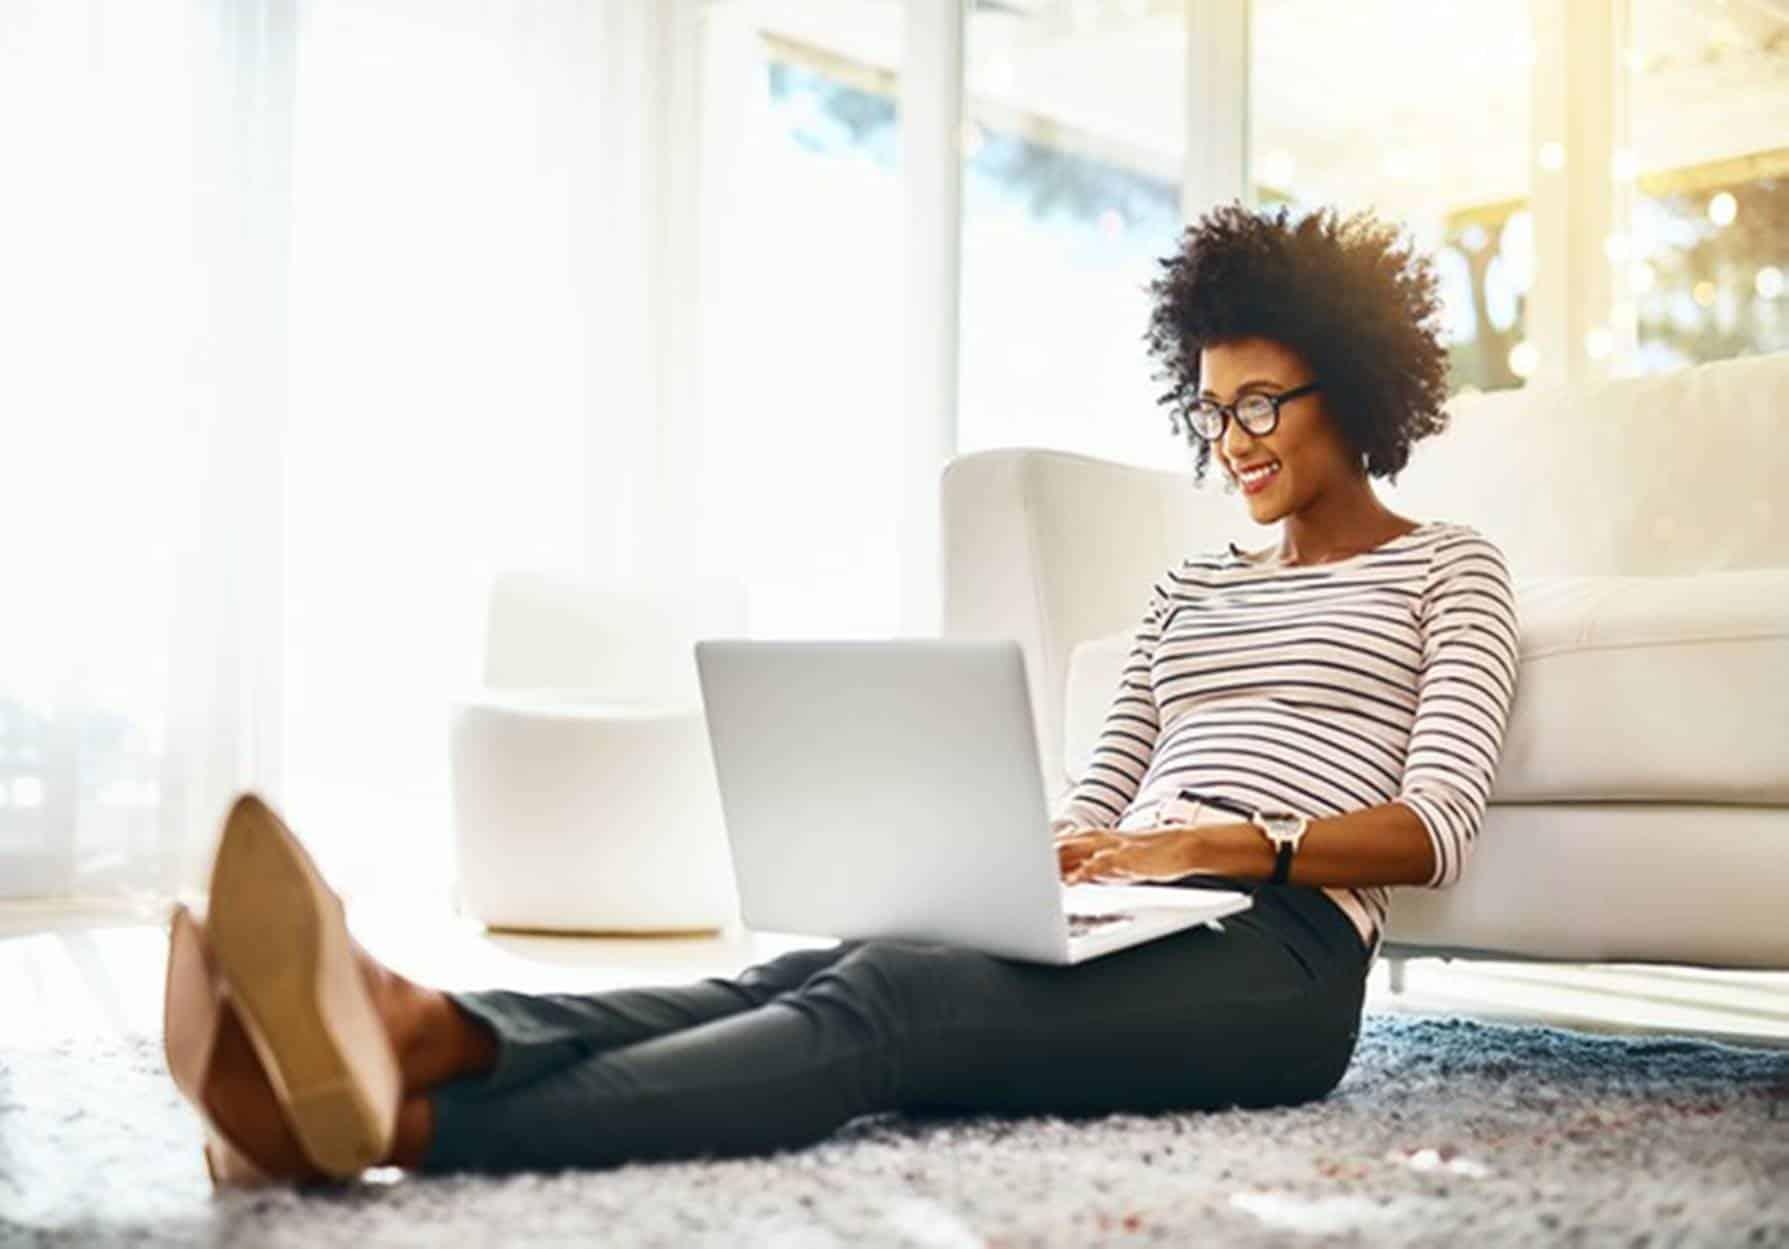 Confira 7 maneiras pra ganhar dinheiro sem sair de casa